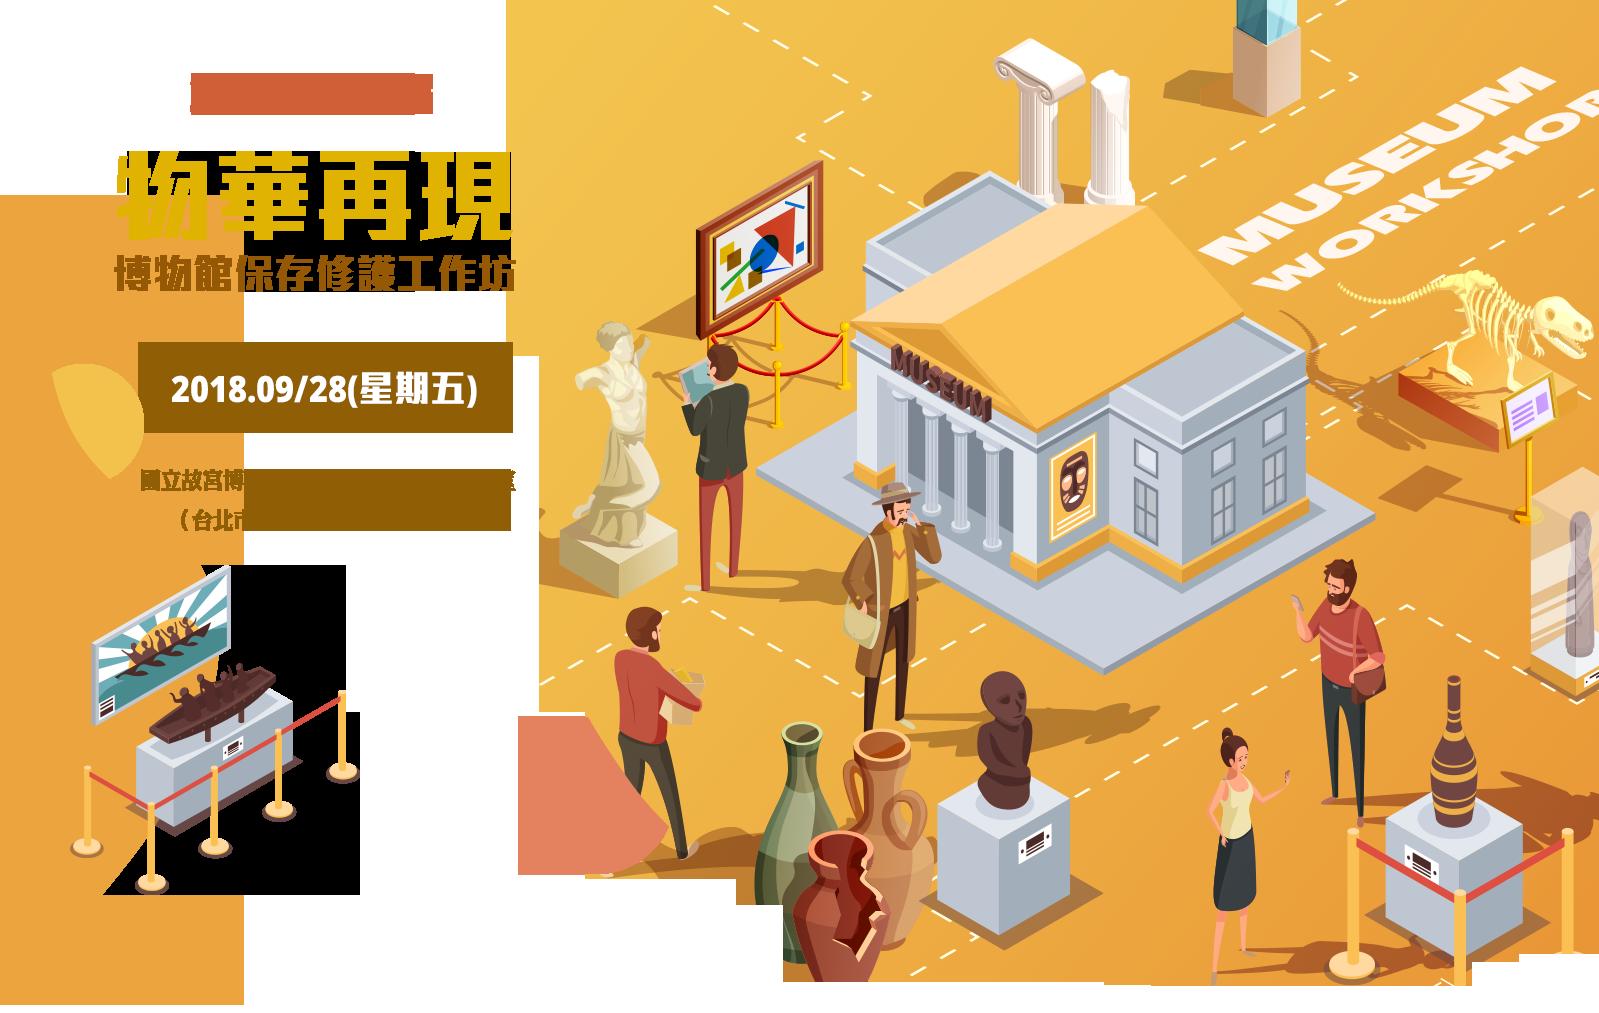 國立科學工藝博物館:2018/09/28【2018「物華再現-第五屆博物館保存修護」會議流程】